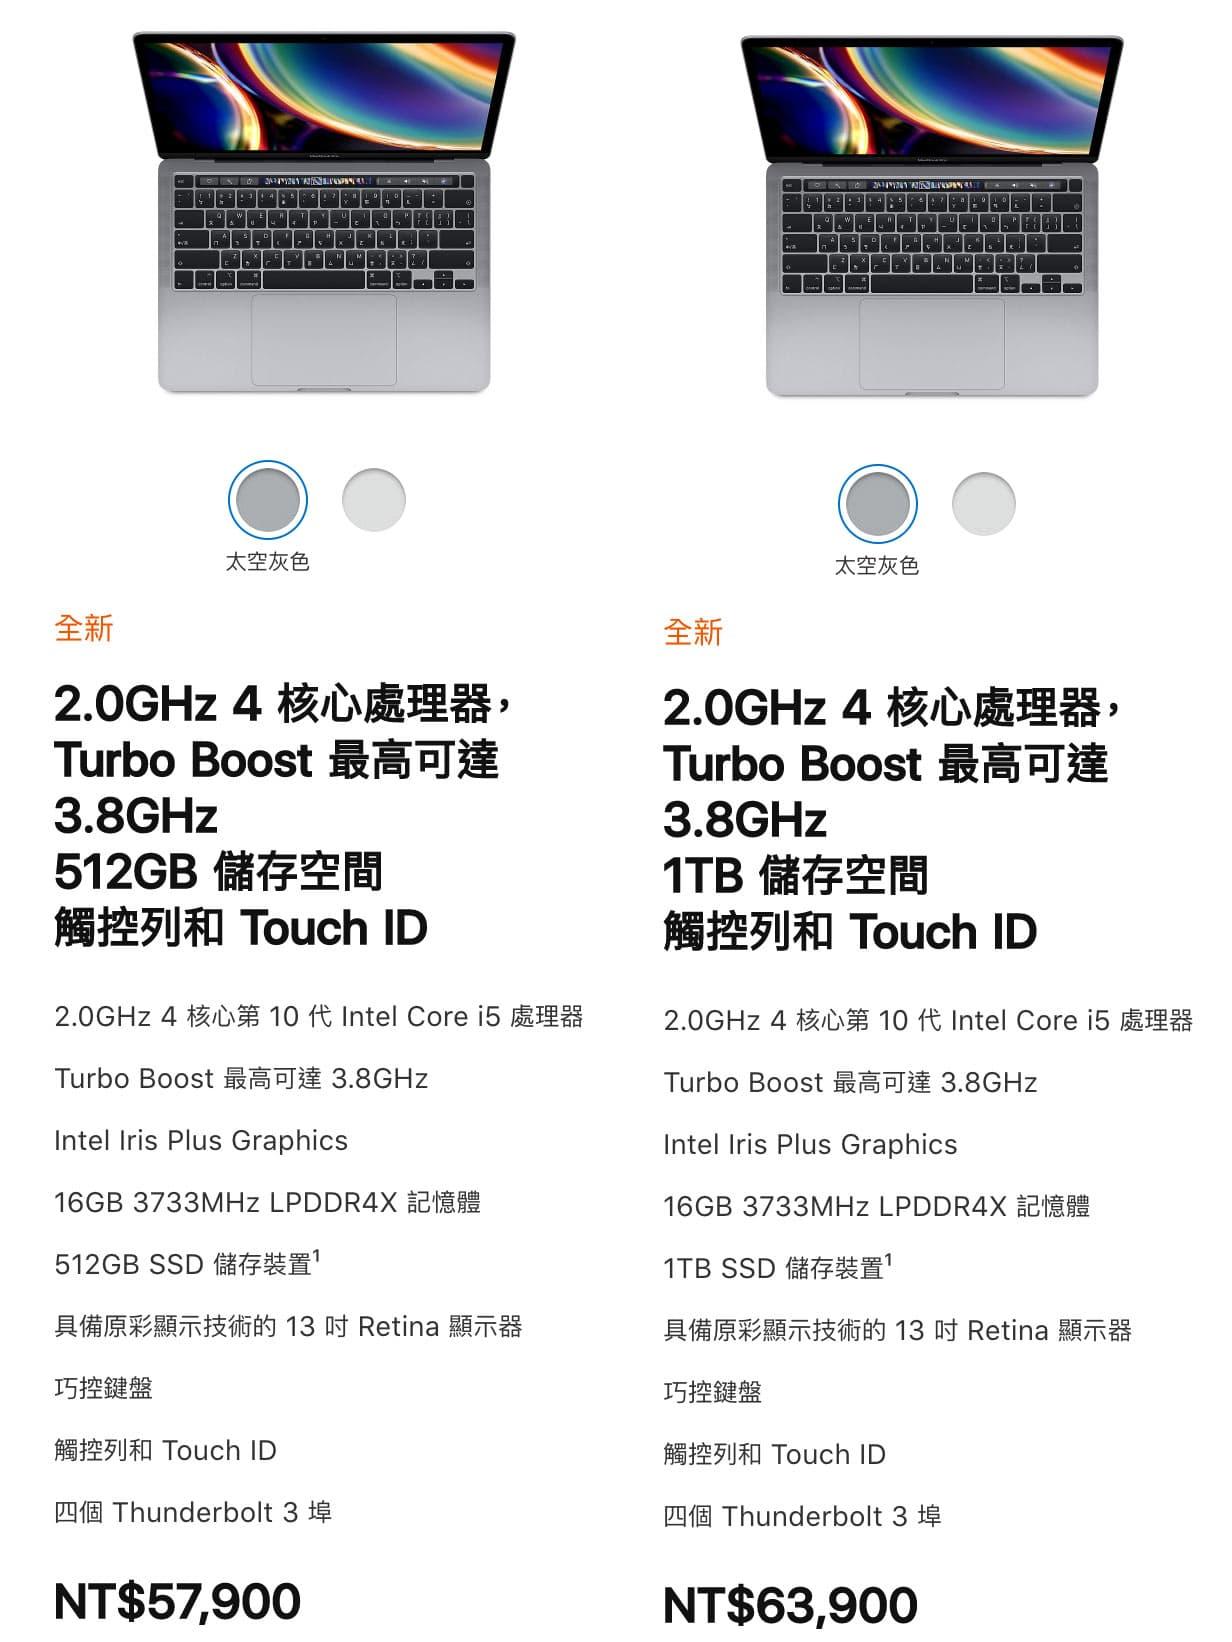 2020年13吋MacBook Pro正式推出,告訴你與前一代有哪些差異1